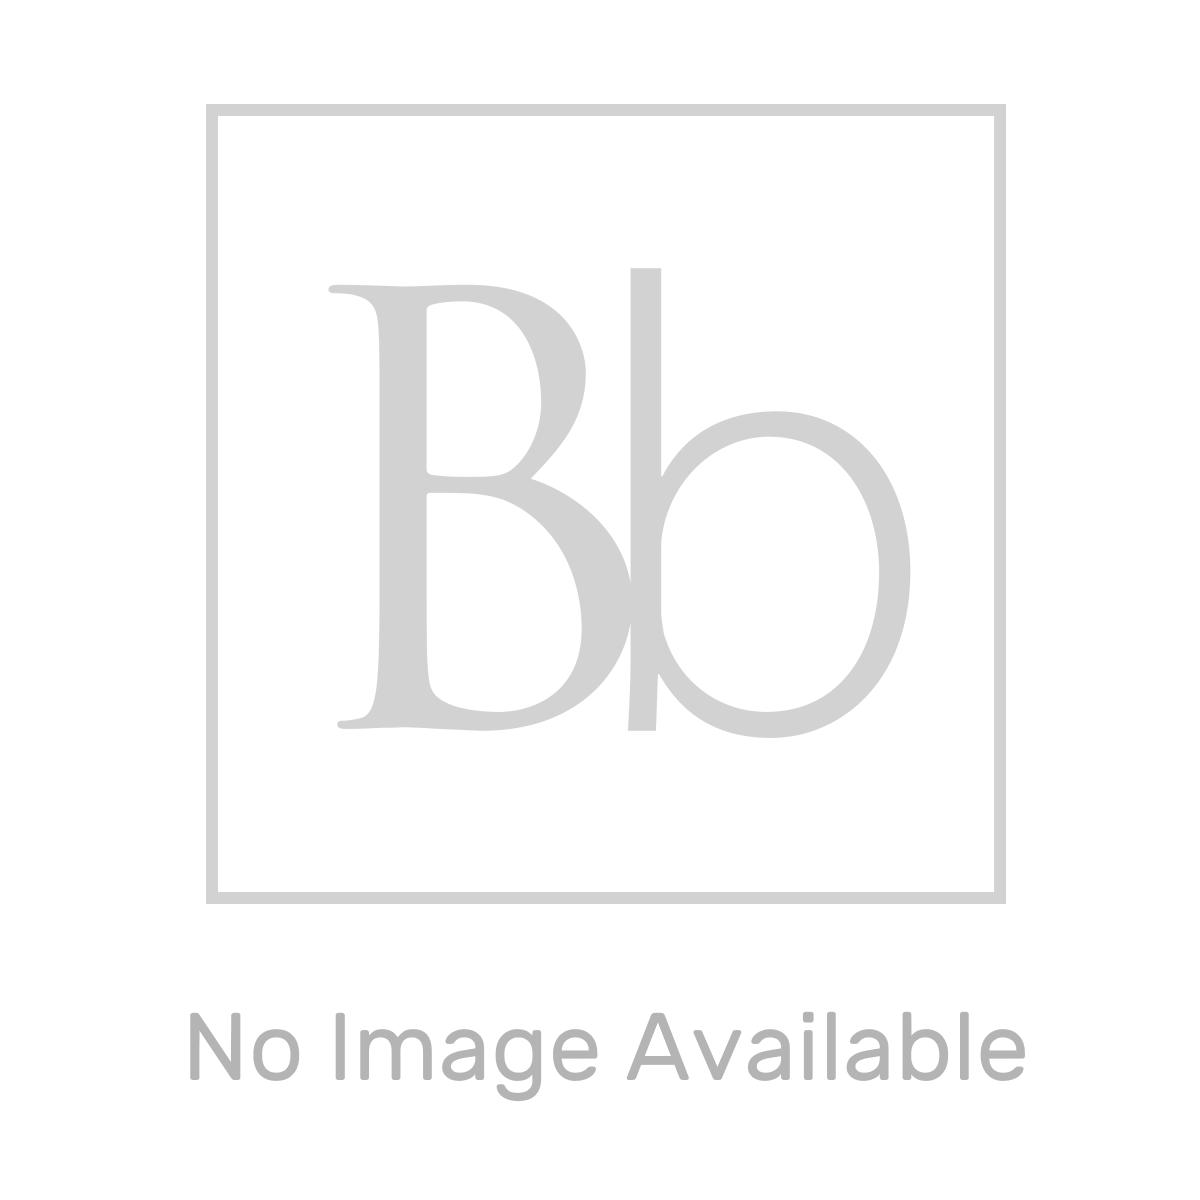 Frontline Aquaglass+ Elite Quadrant Shower Enclosure